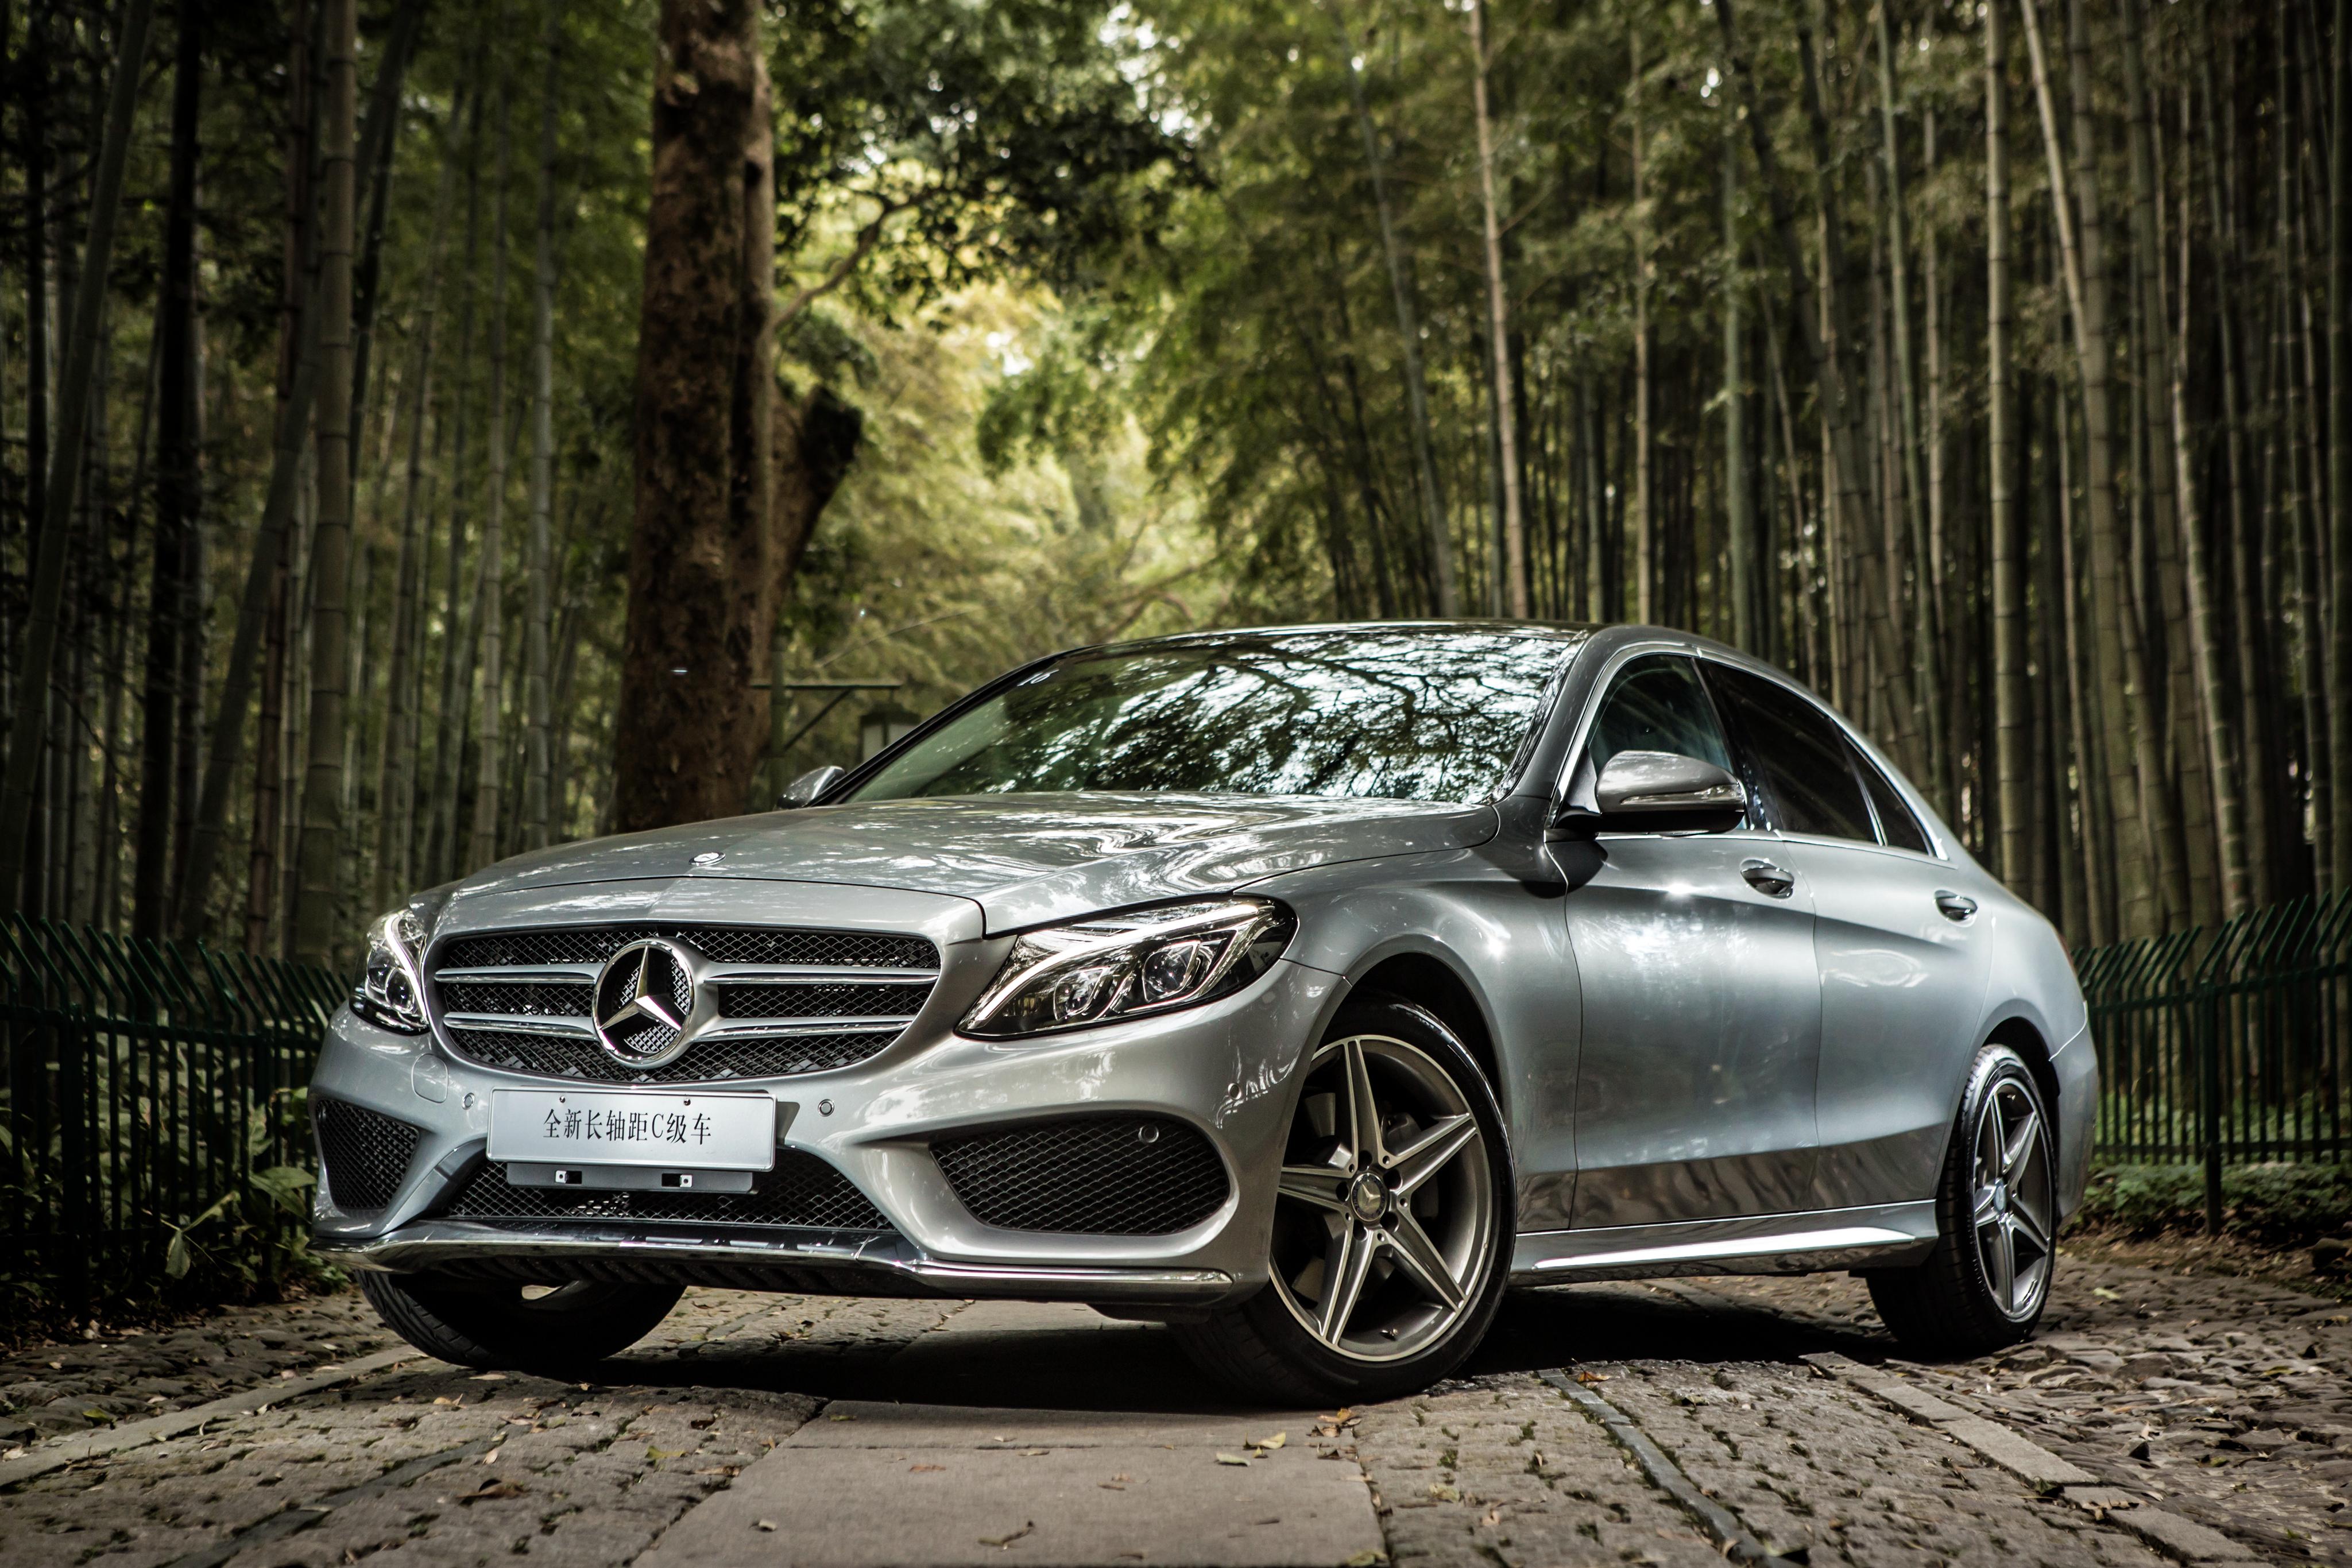 Mercedes-Benz C-Class W205 4k Ultra HD Wallpaper